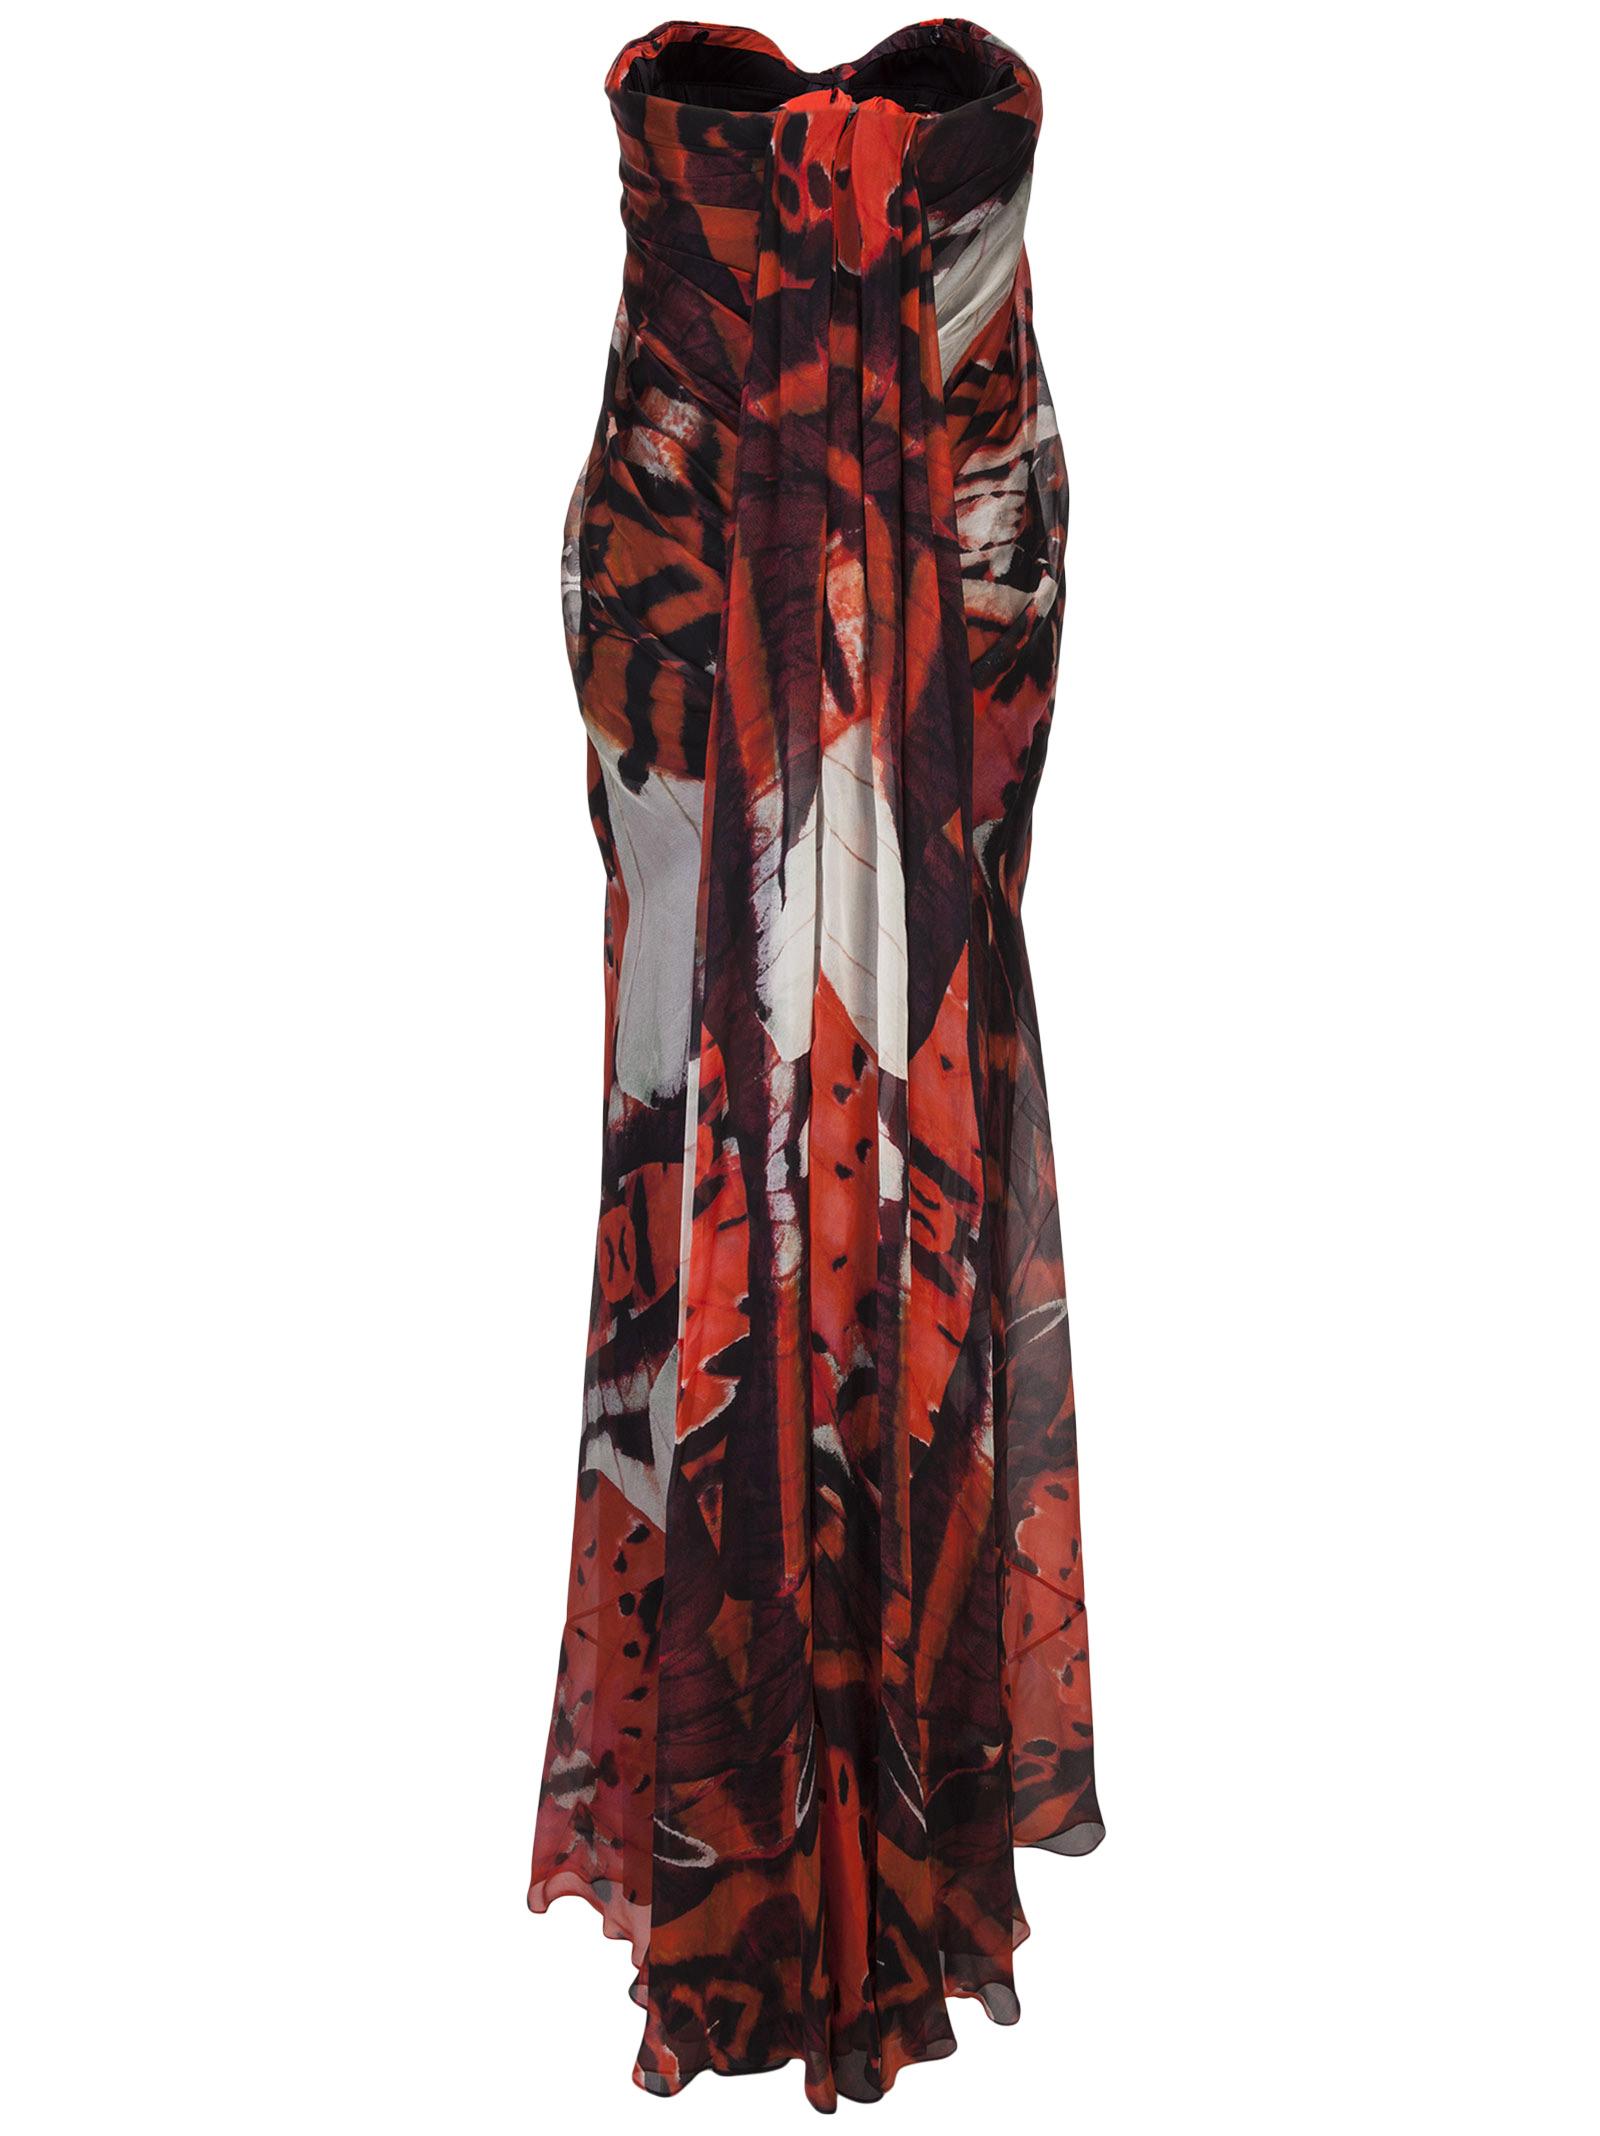 b25876a1603 Alexander McQueen Dress - Alexander McQueen - Michele Franzese Moda